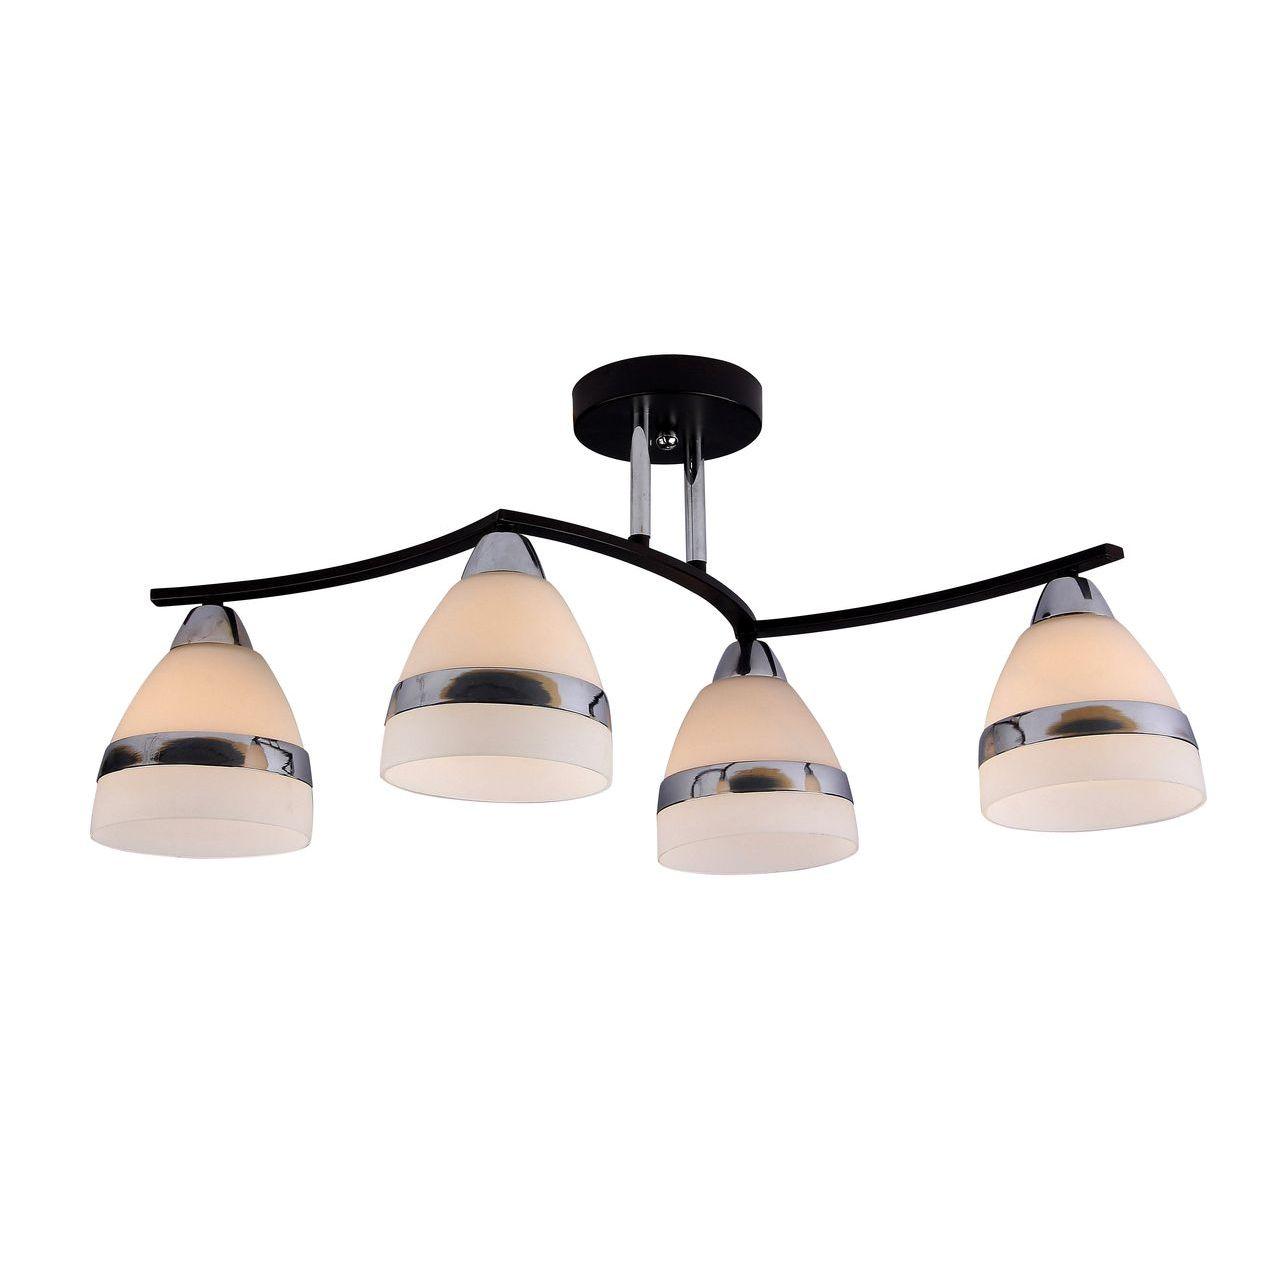 Потолочный светильник SilverLight, E14, 240 Вт стоимость